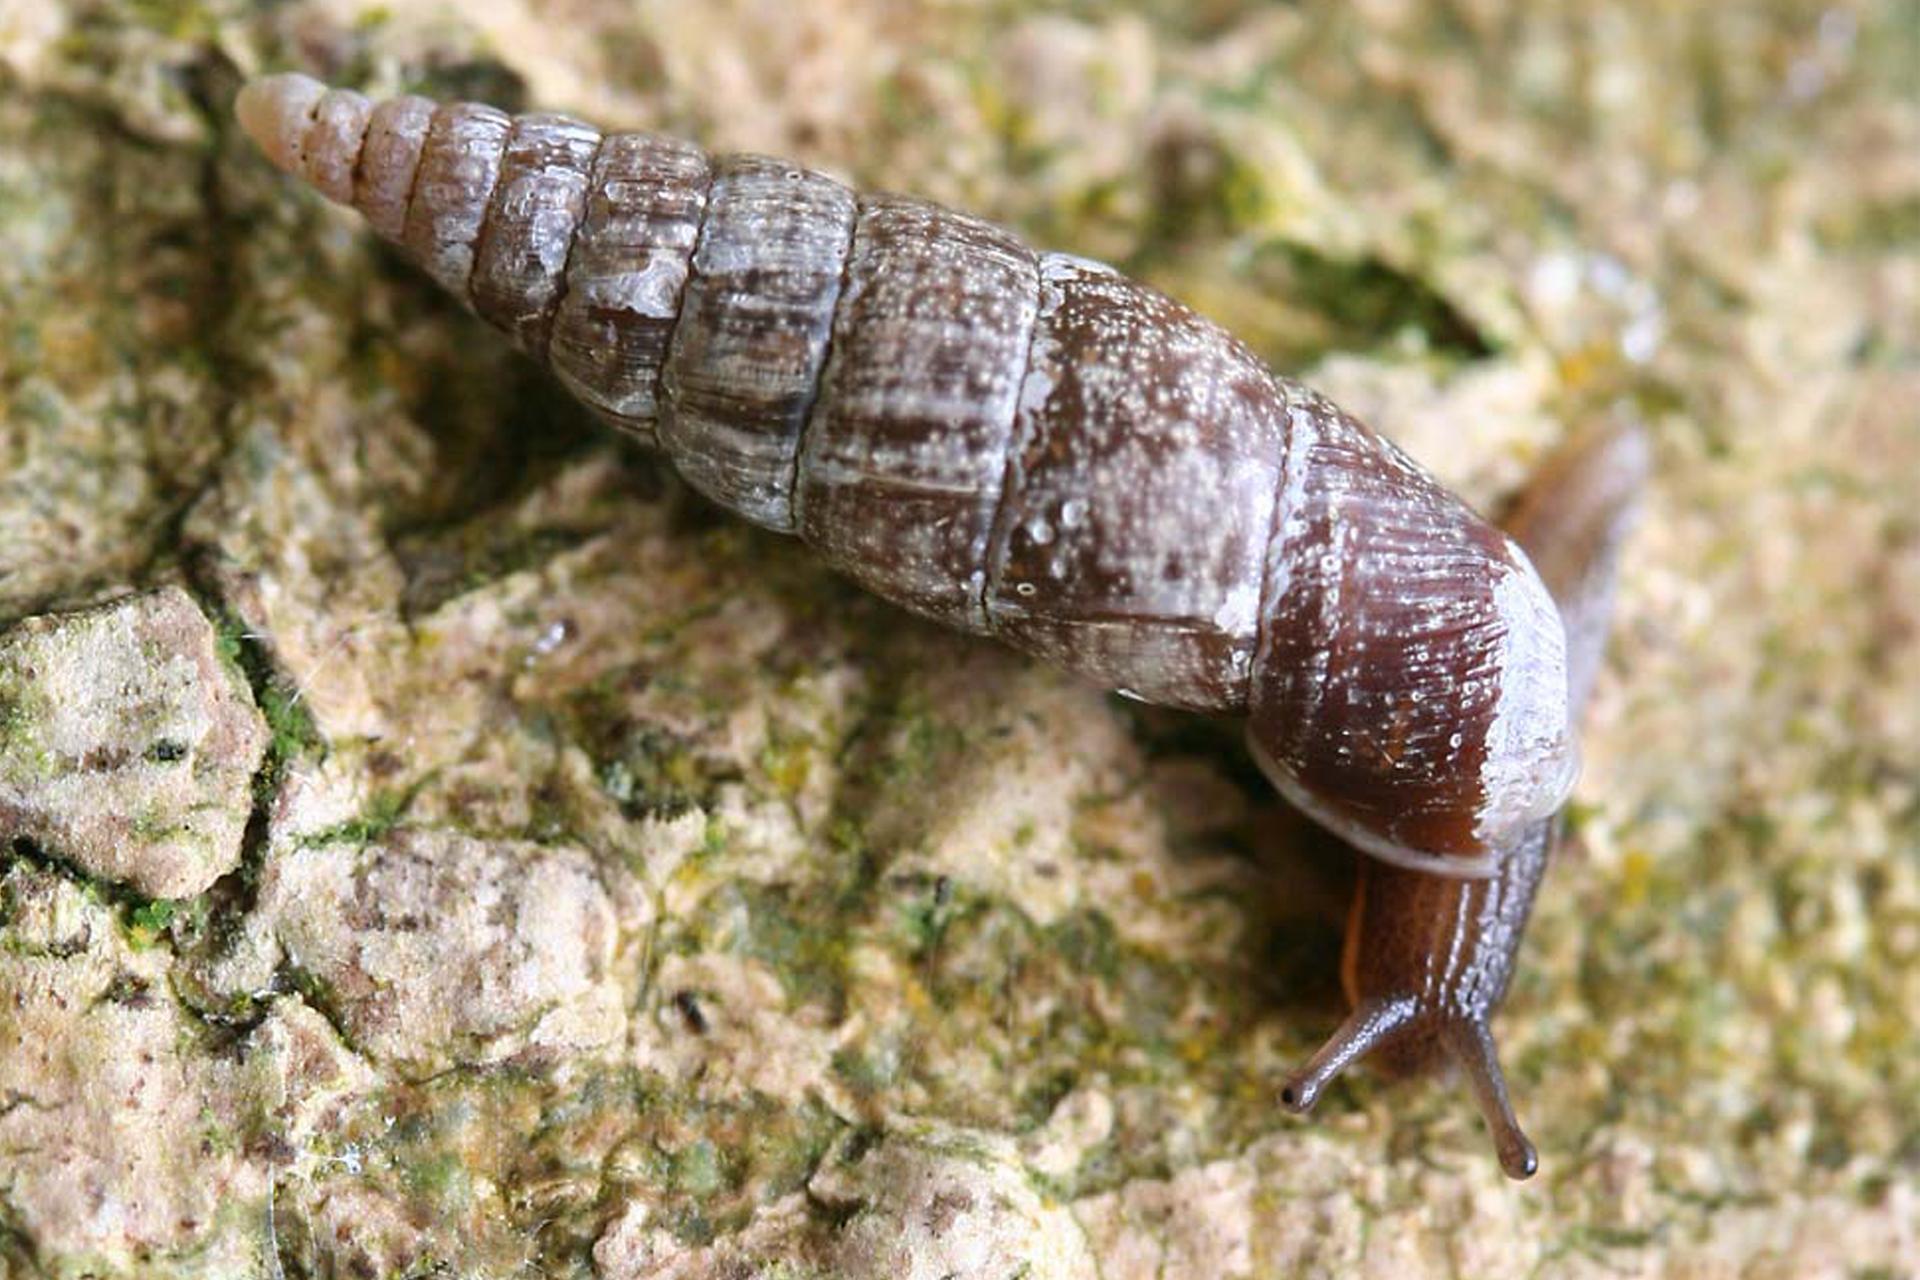 Wgalerii znajdują się fotografie przedstawicieli krajowych ślimaków. Fotografia przedstawia brązowego ślimaka zwydłużoną brązowo – szarą muszlą. Głową ma skierowaną wdół. To świdrzyk pospolity.